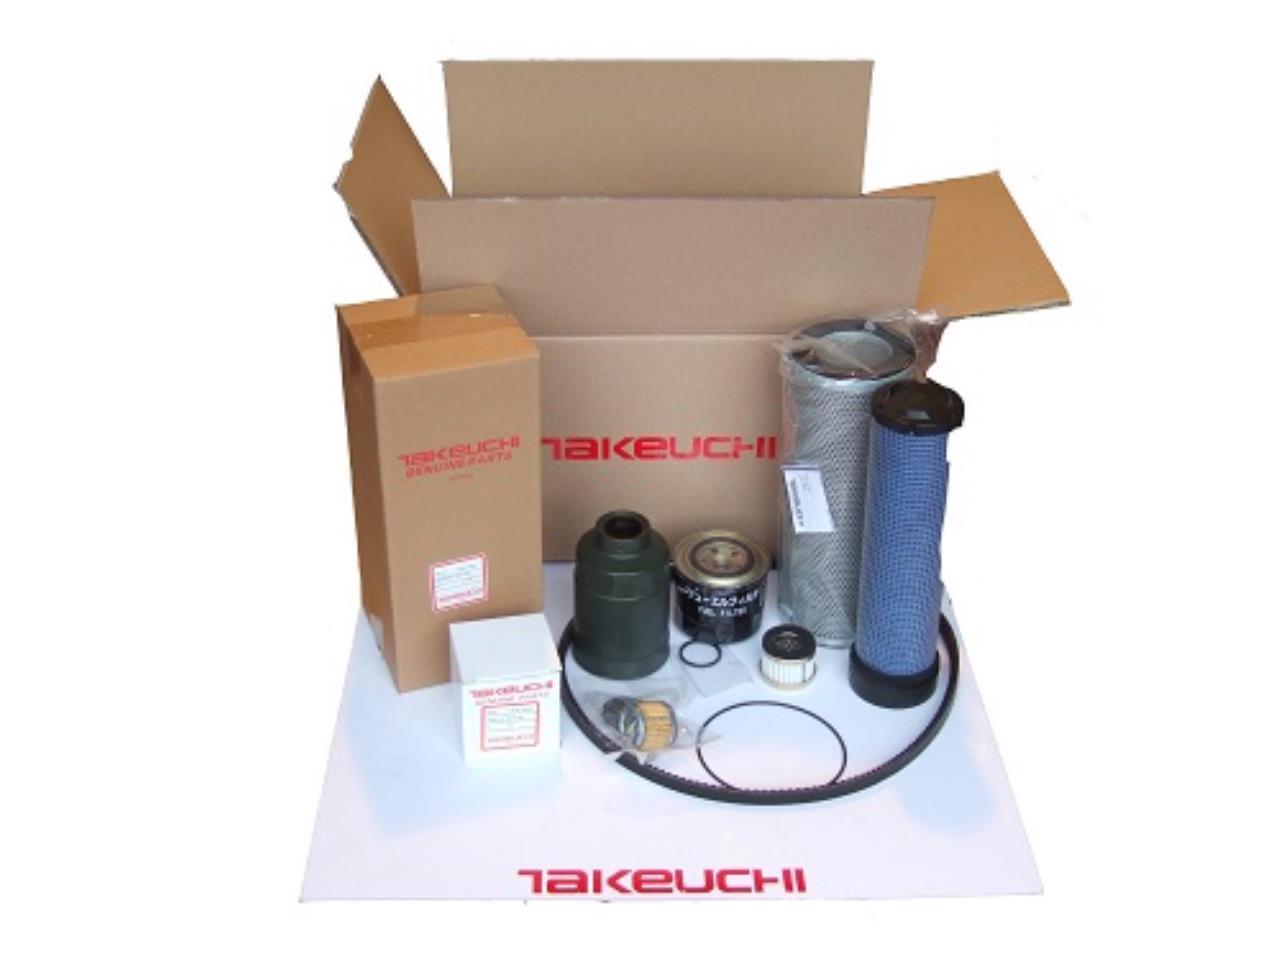 Takeuchi TB125F filtersæt fra s/n: 1251452